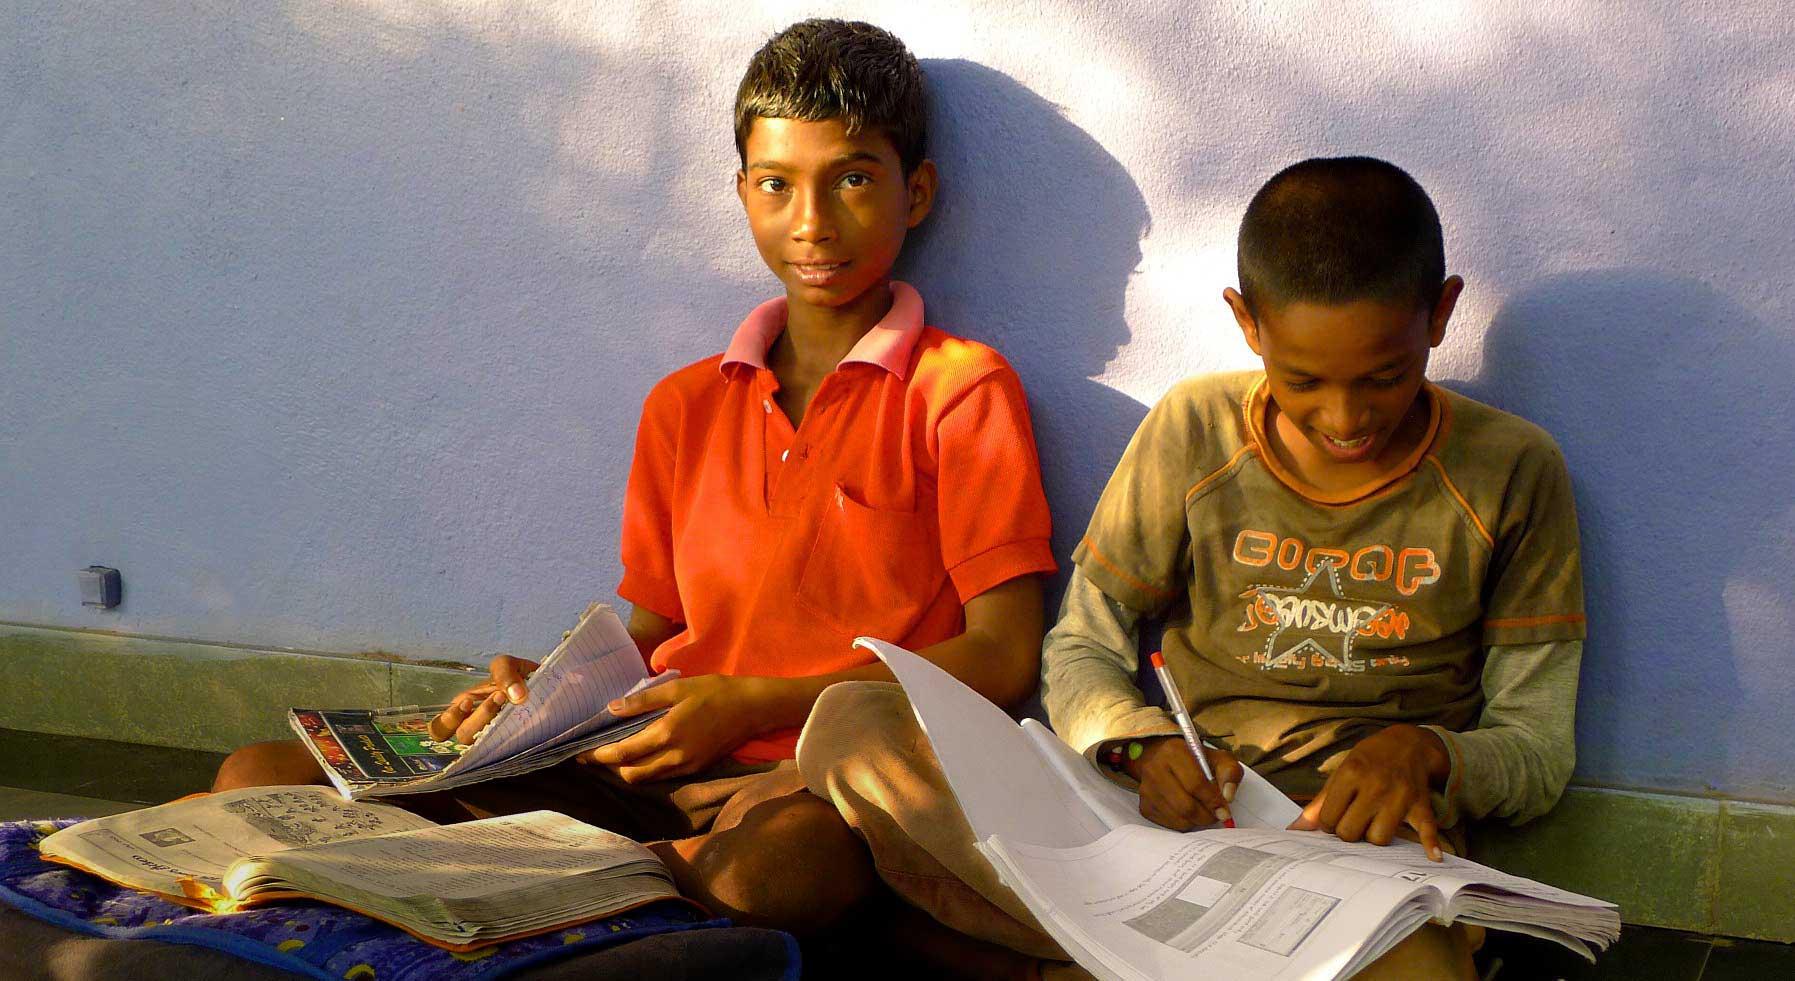 deux garçons souriants en train de faire leurs devoirs d'école